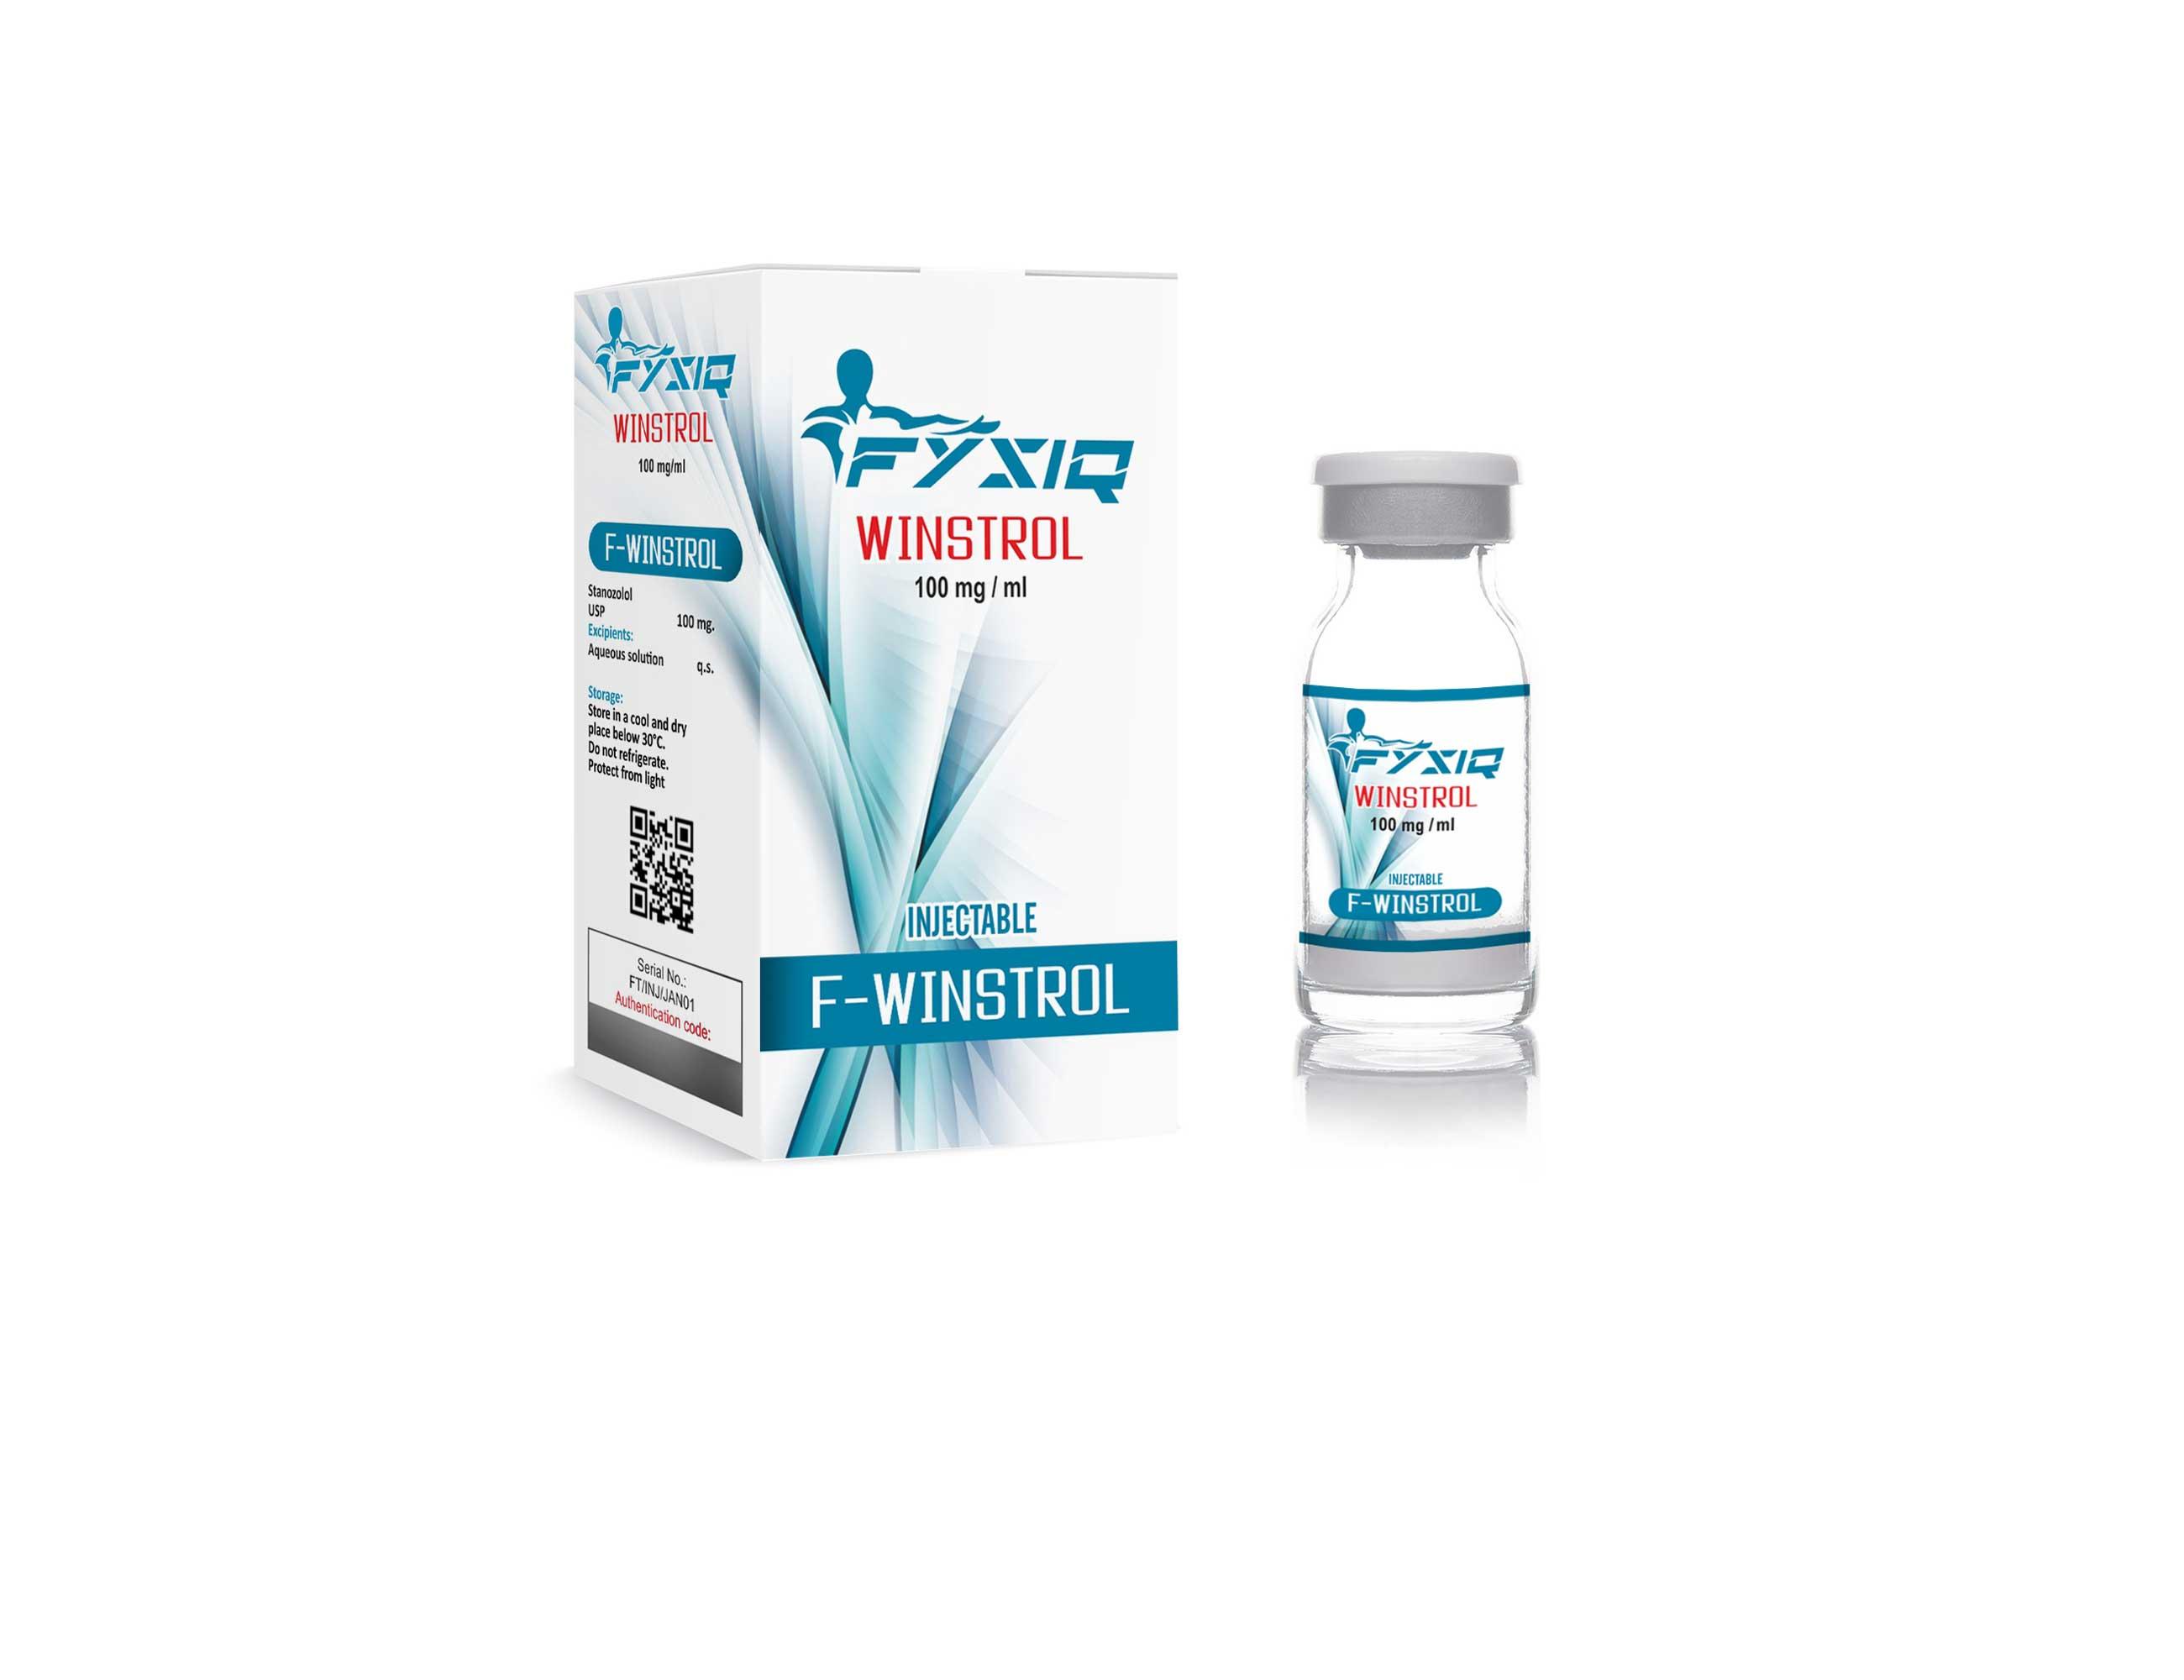 winstrol 100 mg per ml,f winstrol,buy winstrol 100 mg per ml,buy winstrol 100 mg per ml online,buy fysiqlab winstrol 100 mg per ml, buy fysiqlab inc winstrol 100 mg per ml online,buy f winstrol online